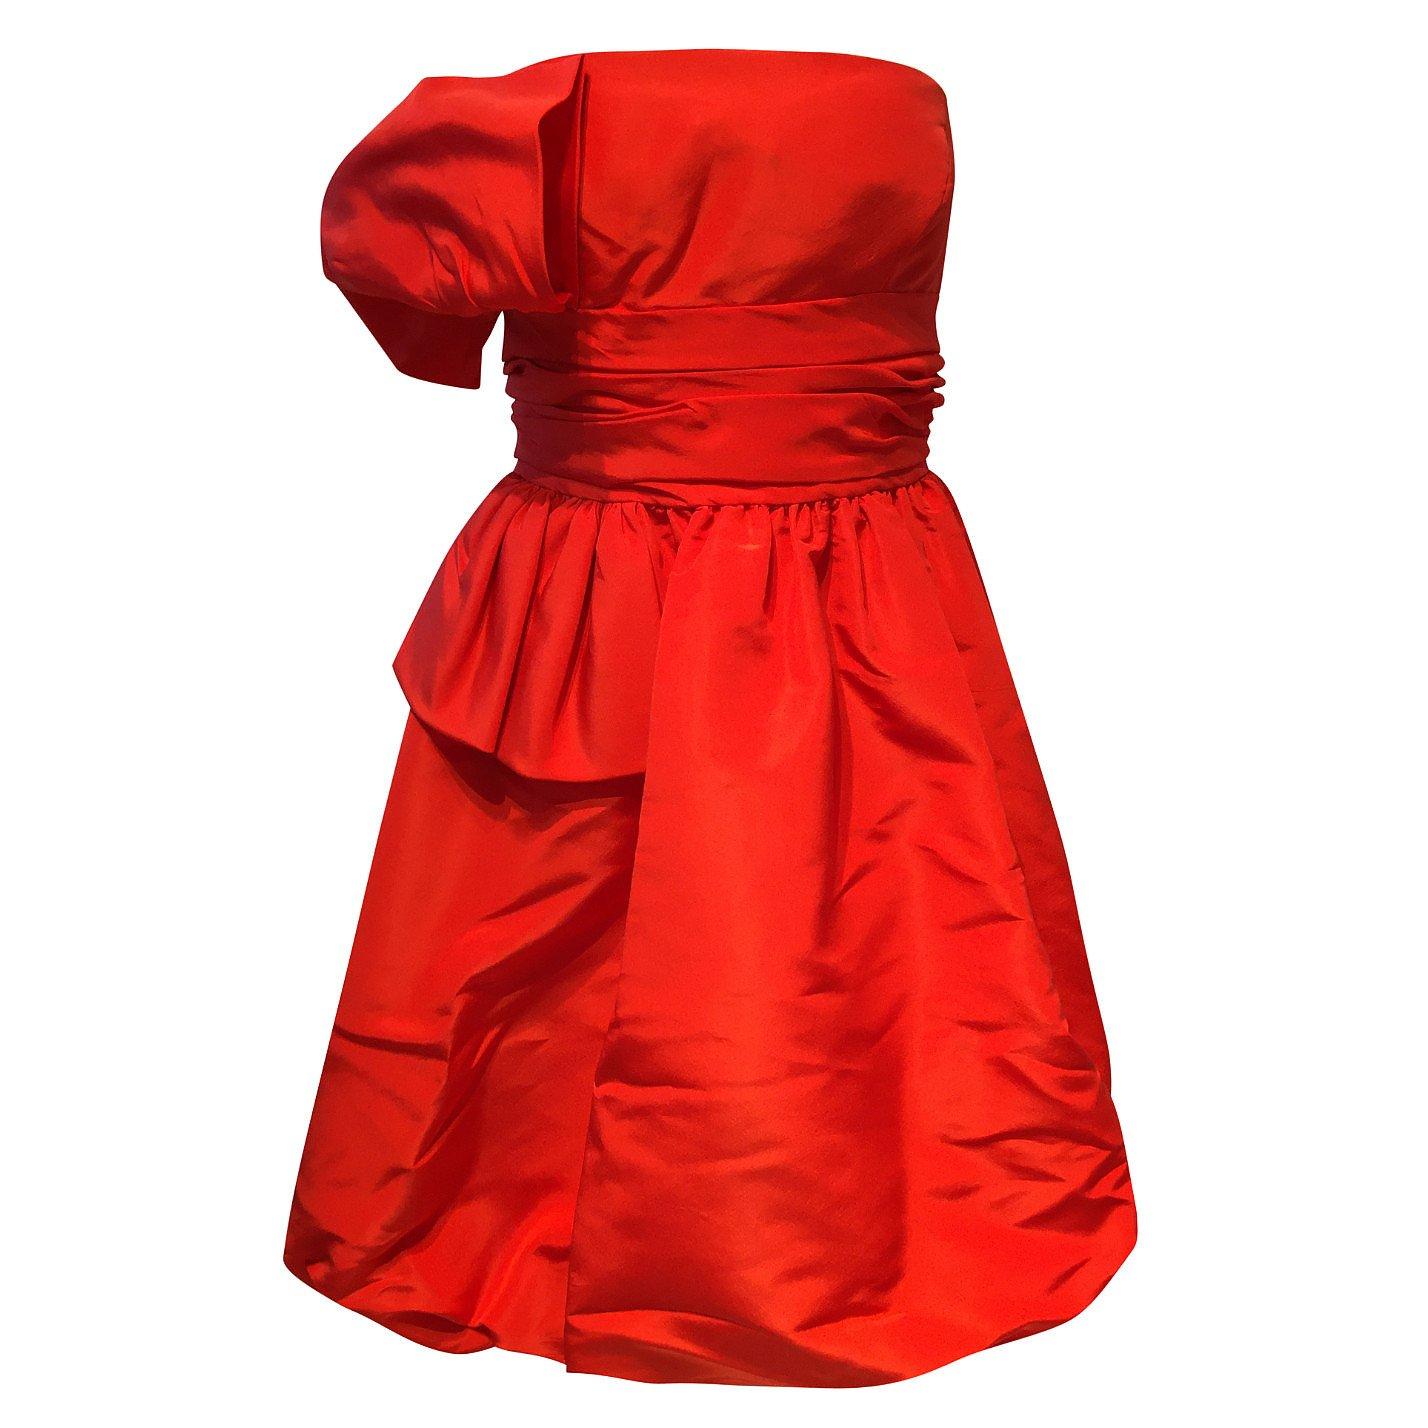 Oscar De La Renta Silk Taffeta Strapless Dress